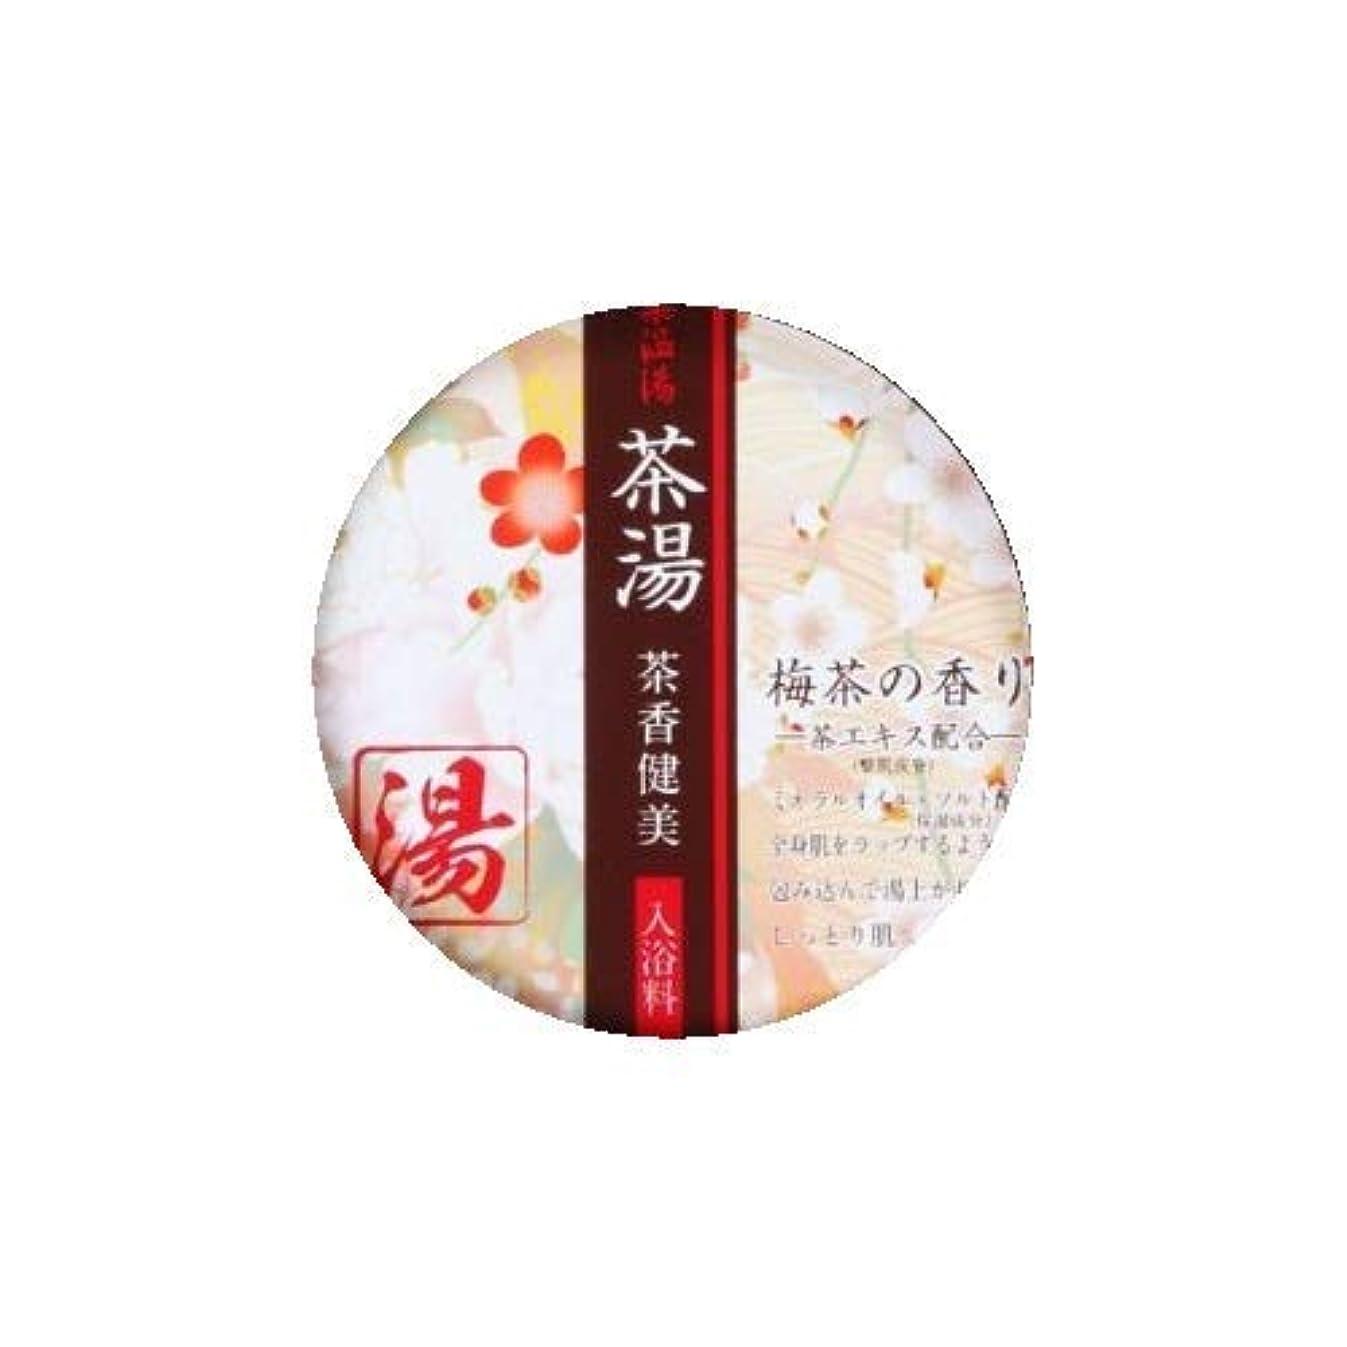 腹部クリーナージョージエリオット薬温湯 茶湯 入浴料 梅茶の香り POF-10U